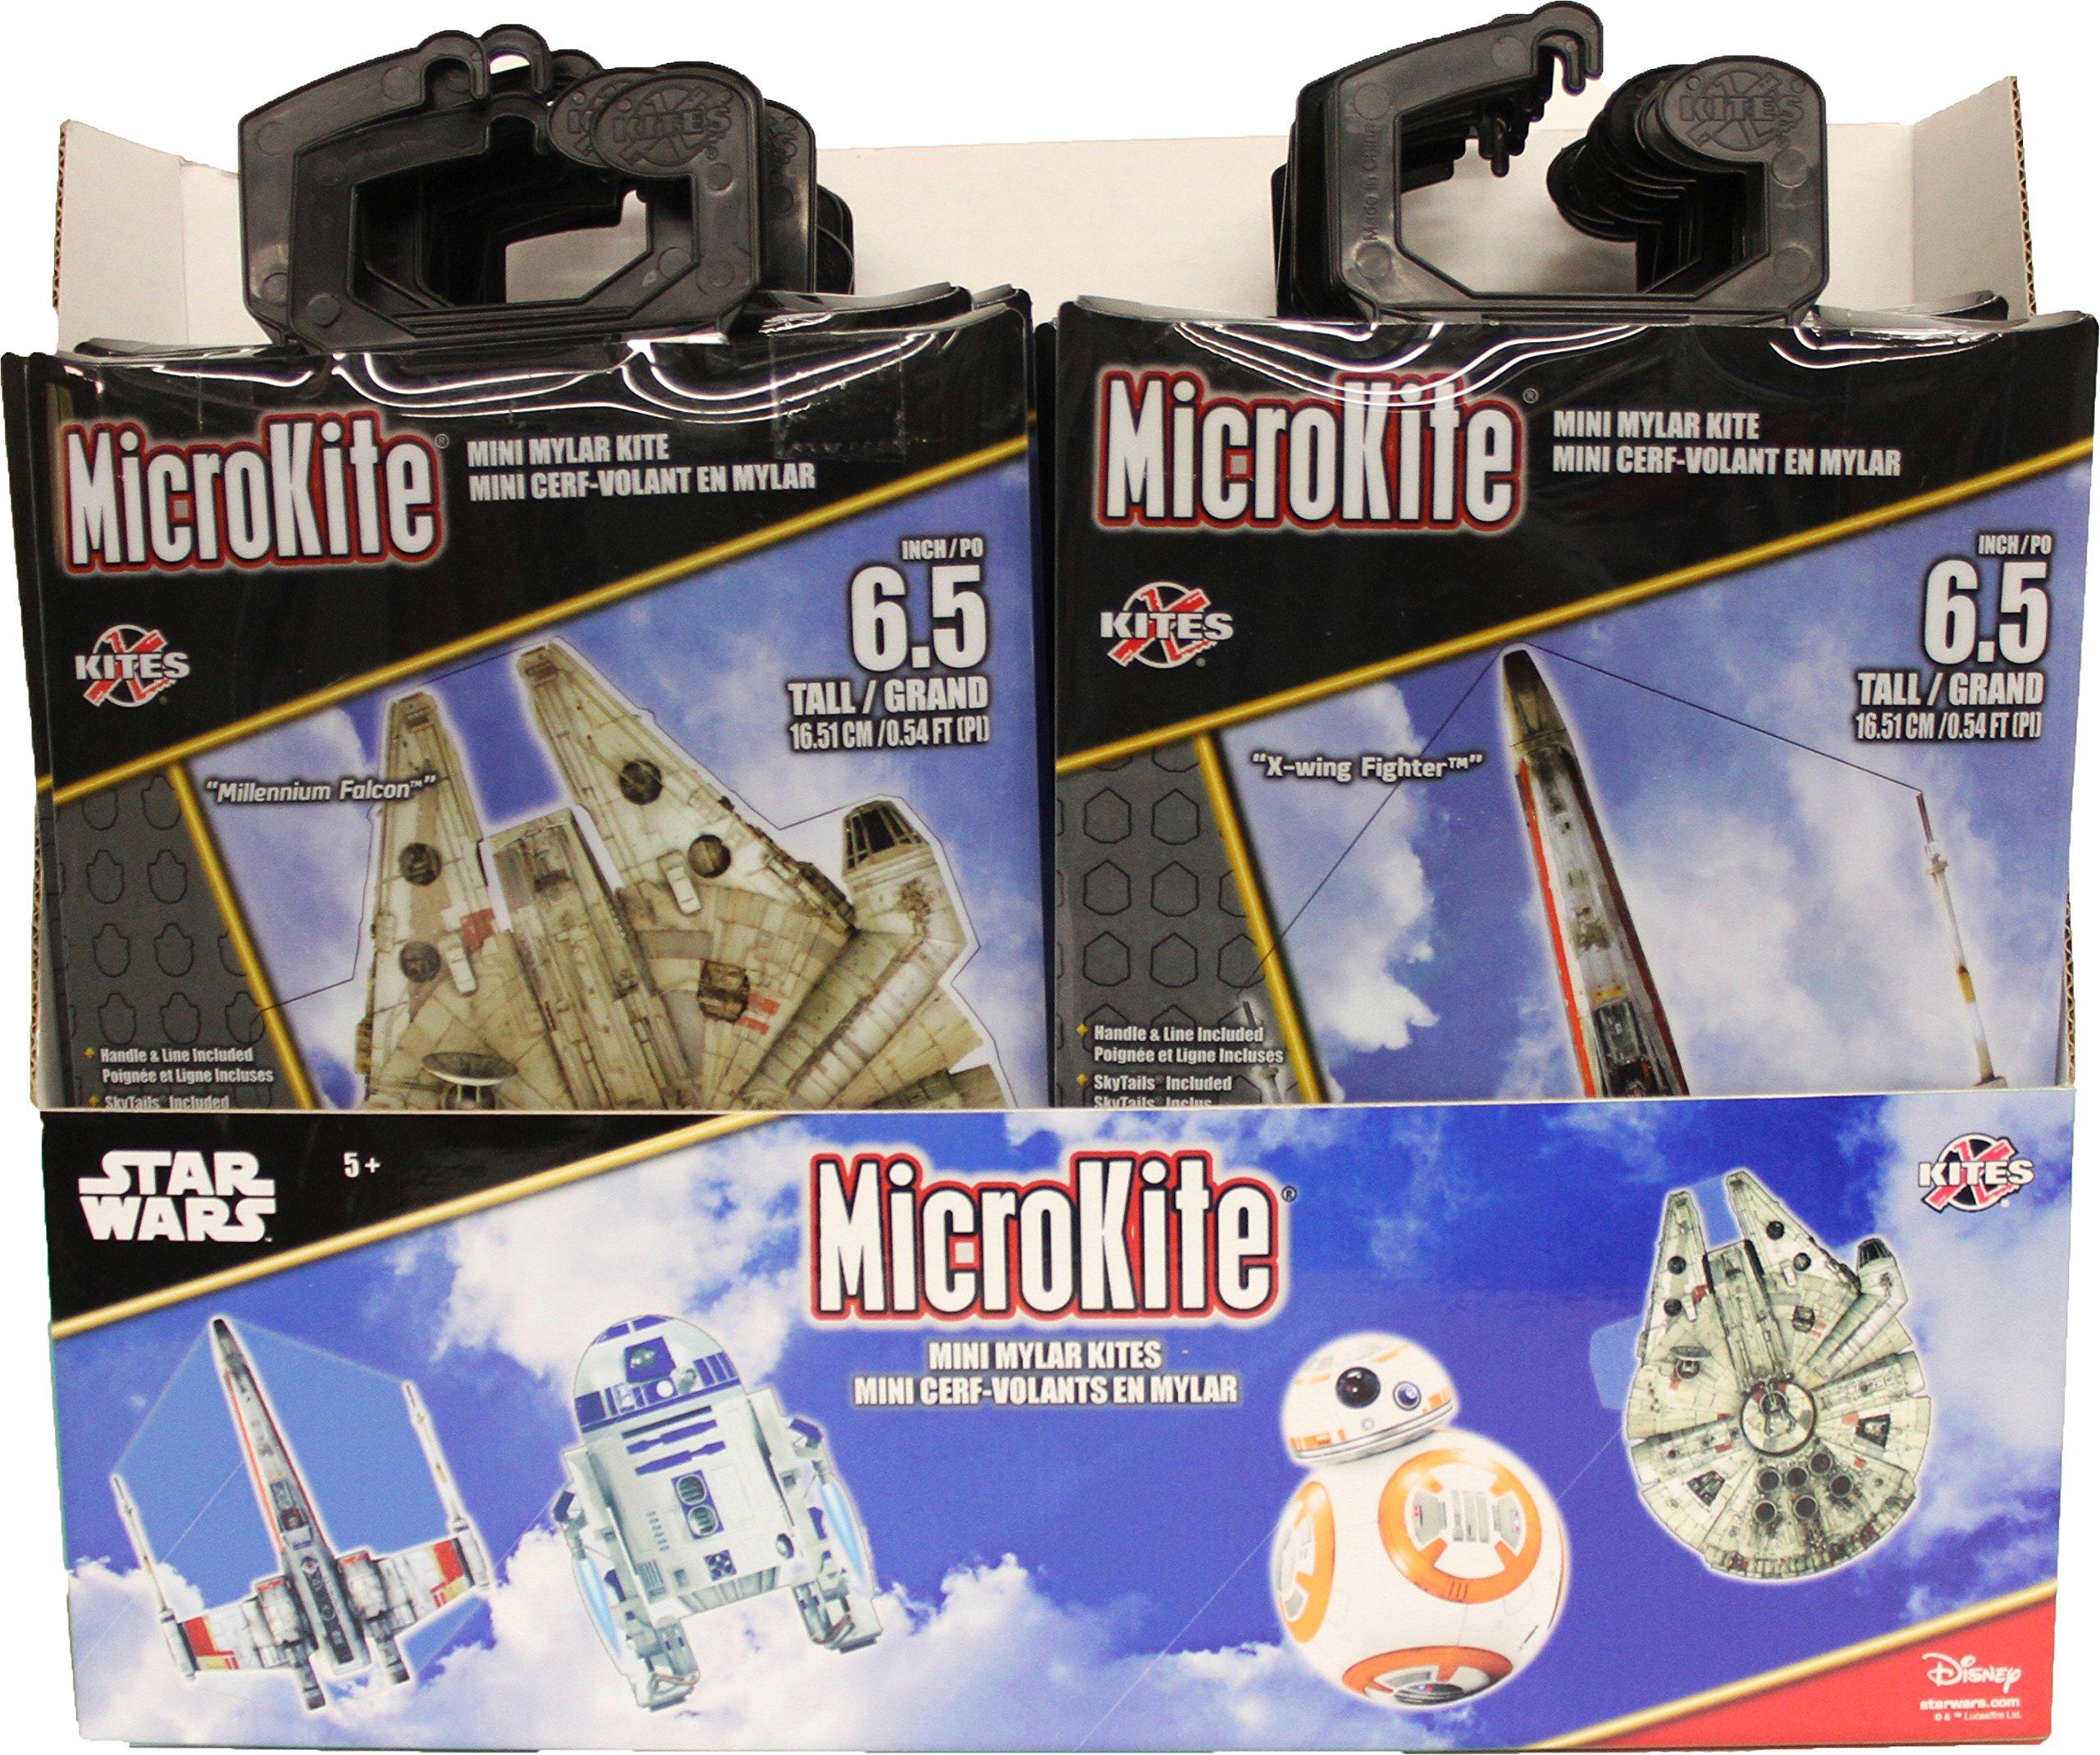 X-Kites MicroKites Star Wars Assortment of Mylar Mini Kites 6-1/2'' Tall, 24-Piece PDQ by X-Kites (Image #1)